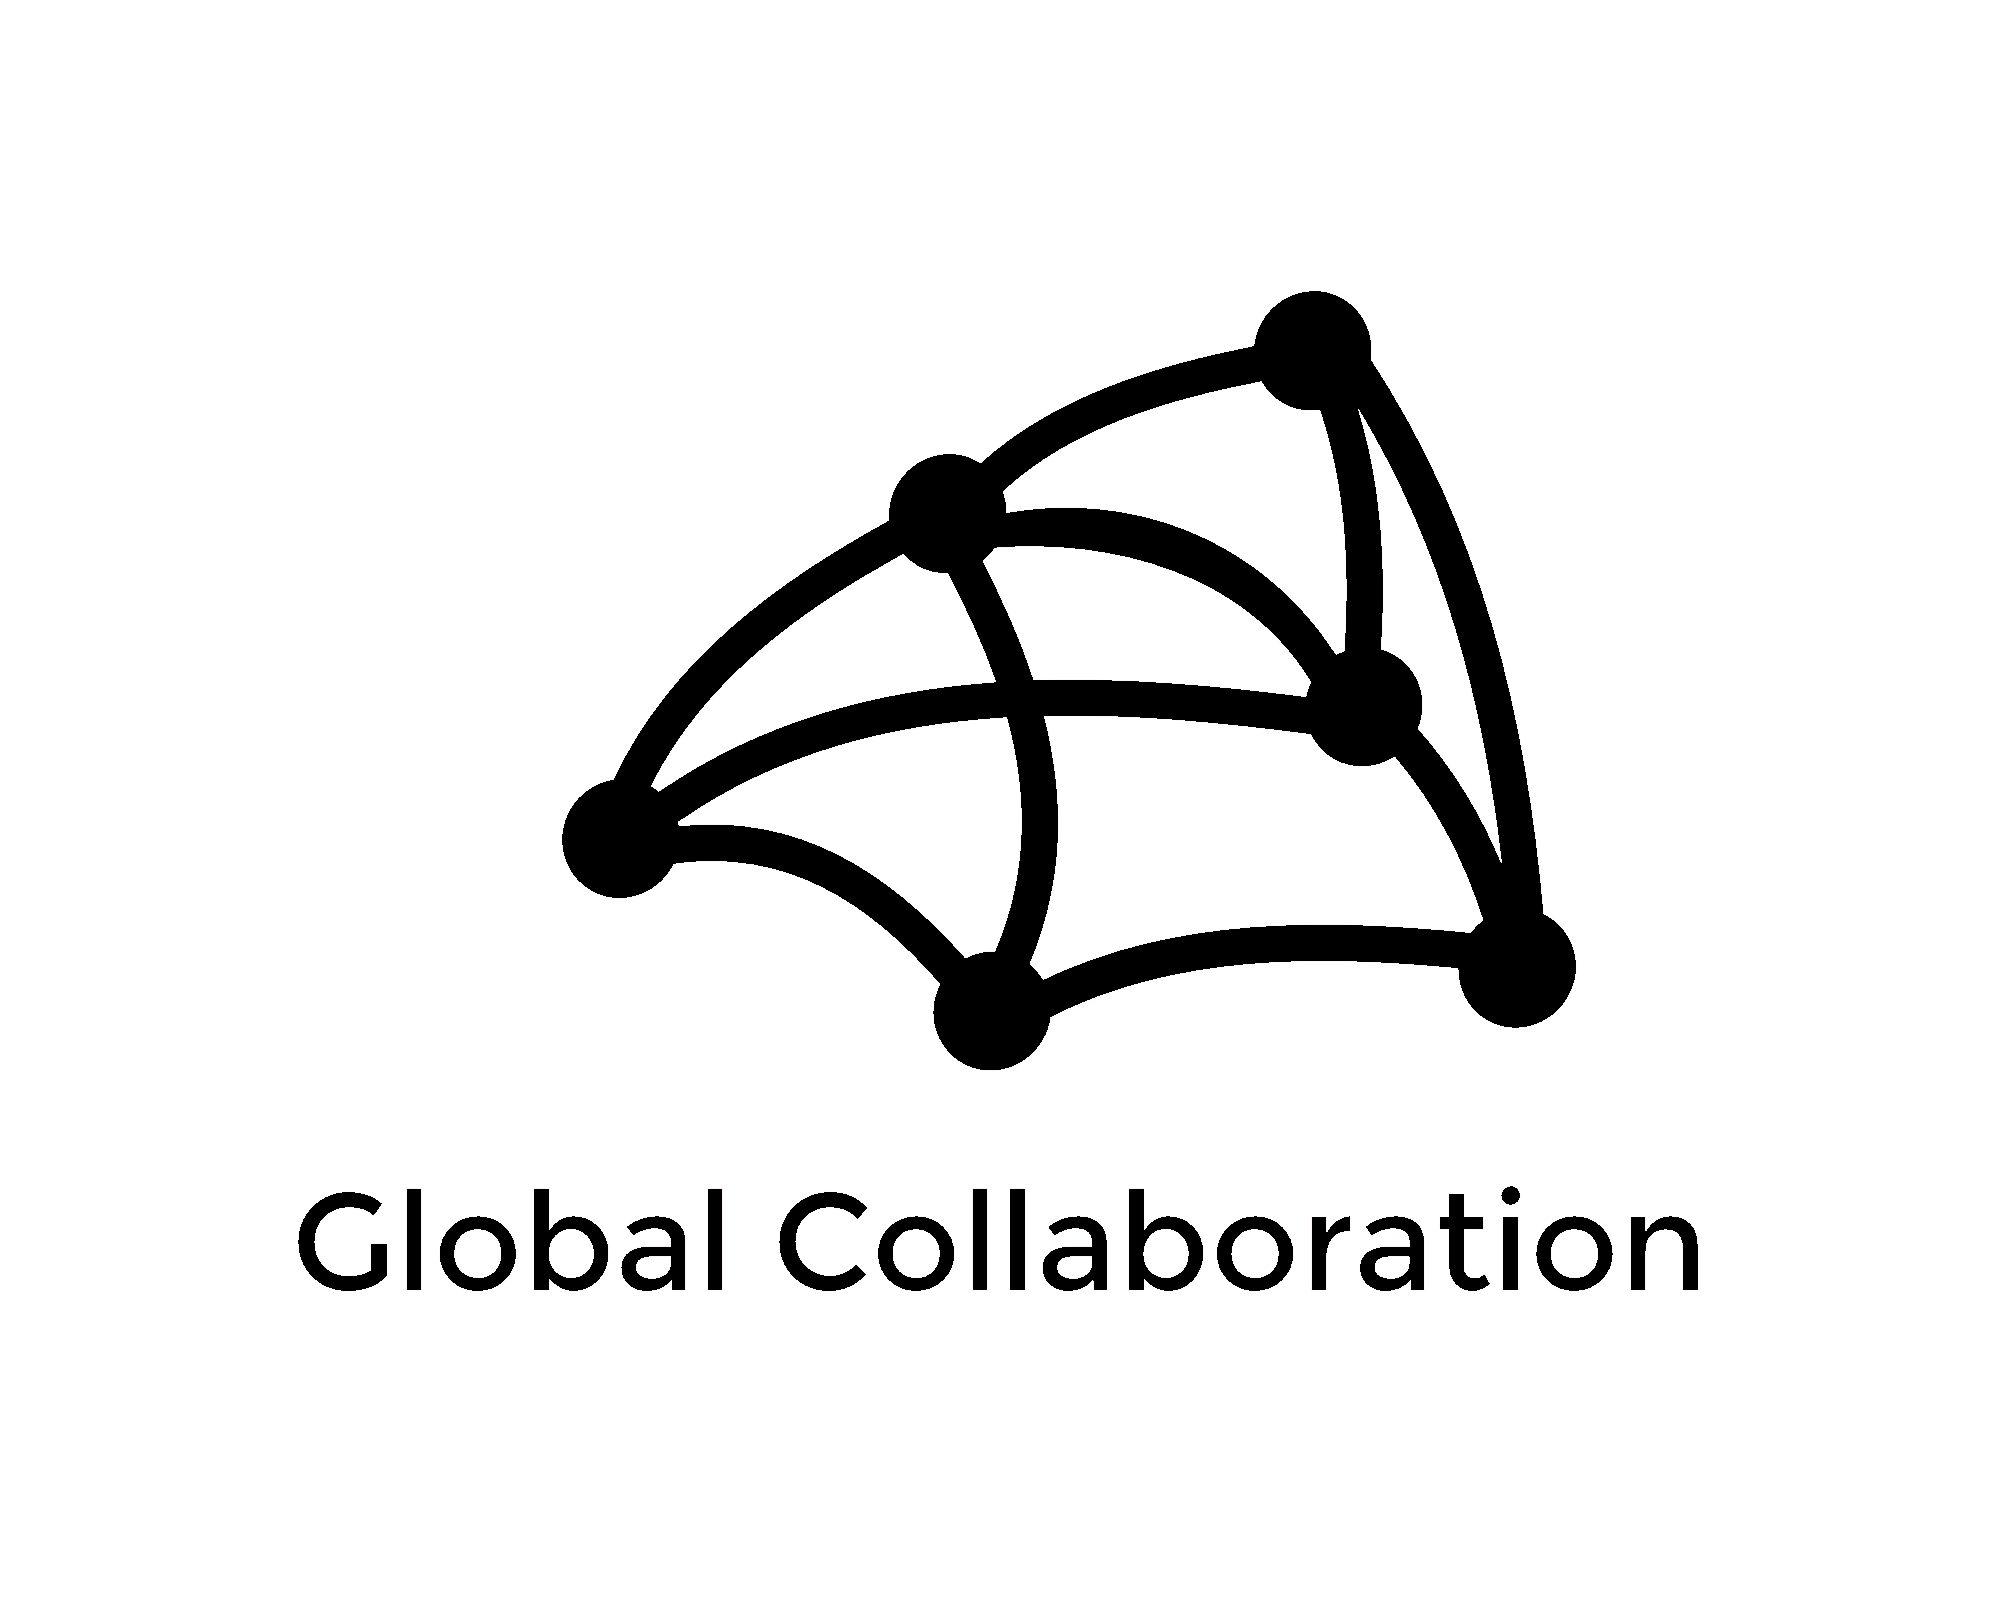 Global Collaboration-logo2 black.png